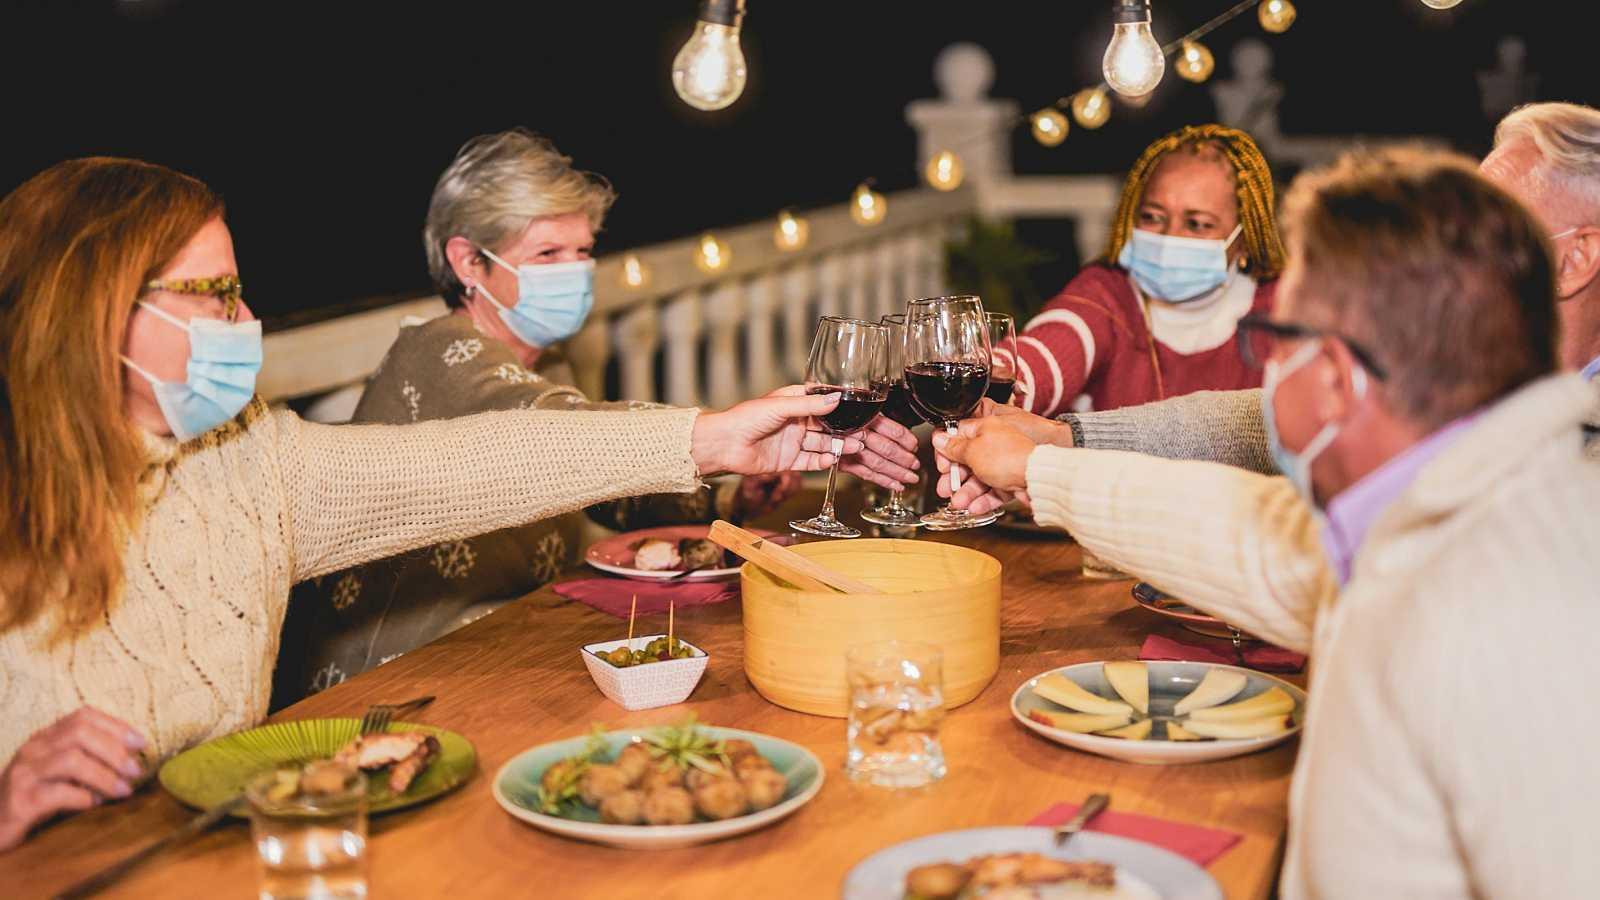 ¿Con mascarillas o no durante reuniones familiares navideñas? aquí la recomendación OMS